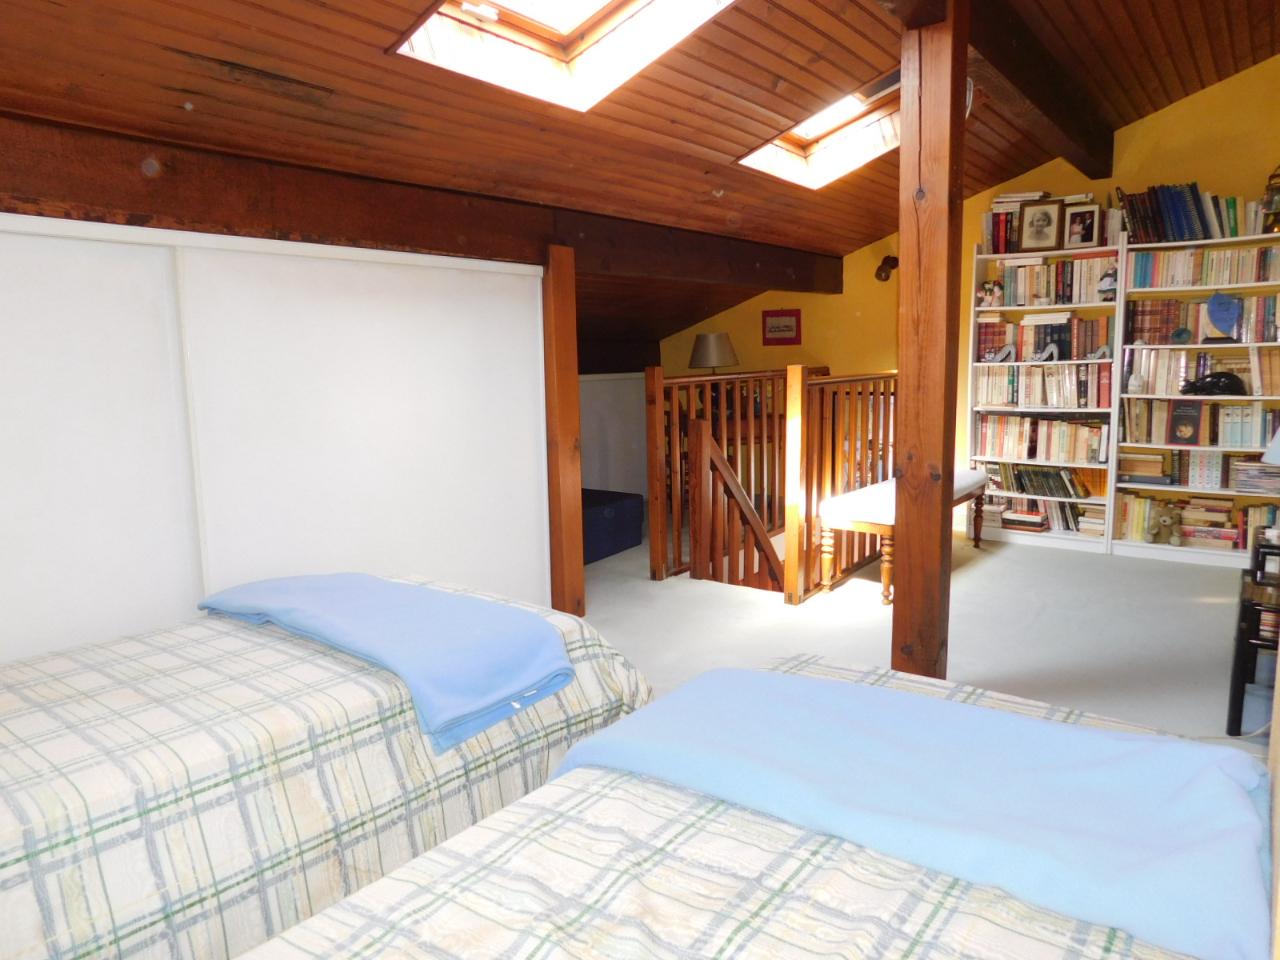 Vente appartement T4  à SAINT JEAN DE LUZ - 7